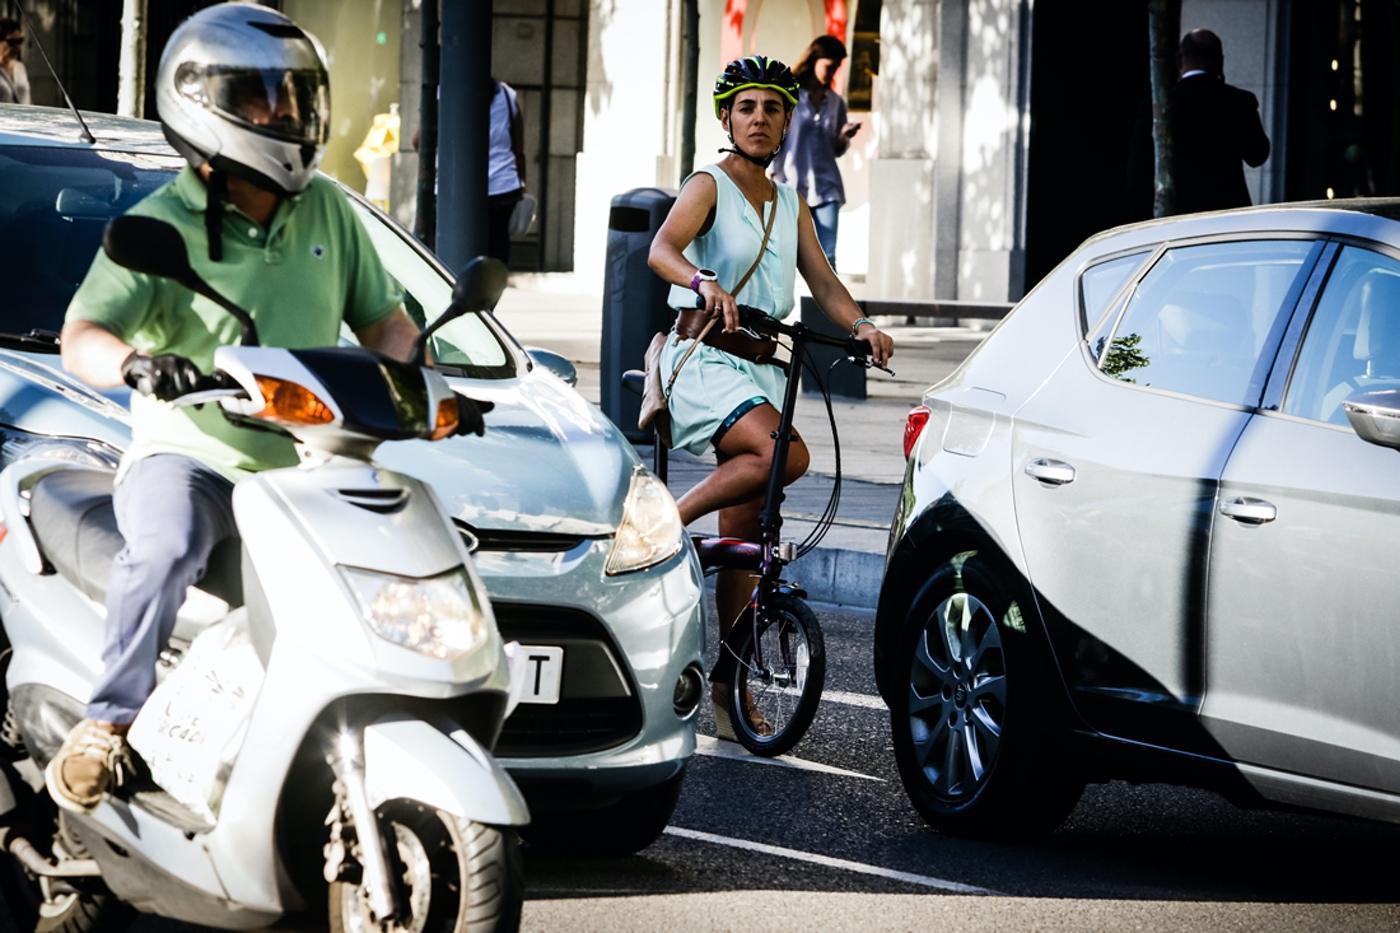 Matricula y carnet por puntos para bicicletas ¿es buena idea?